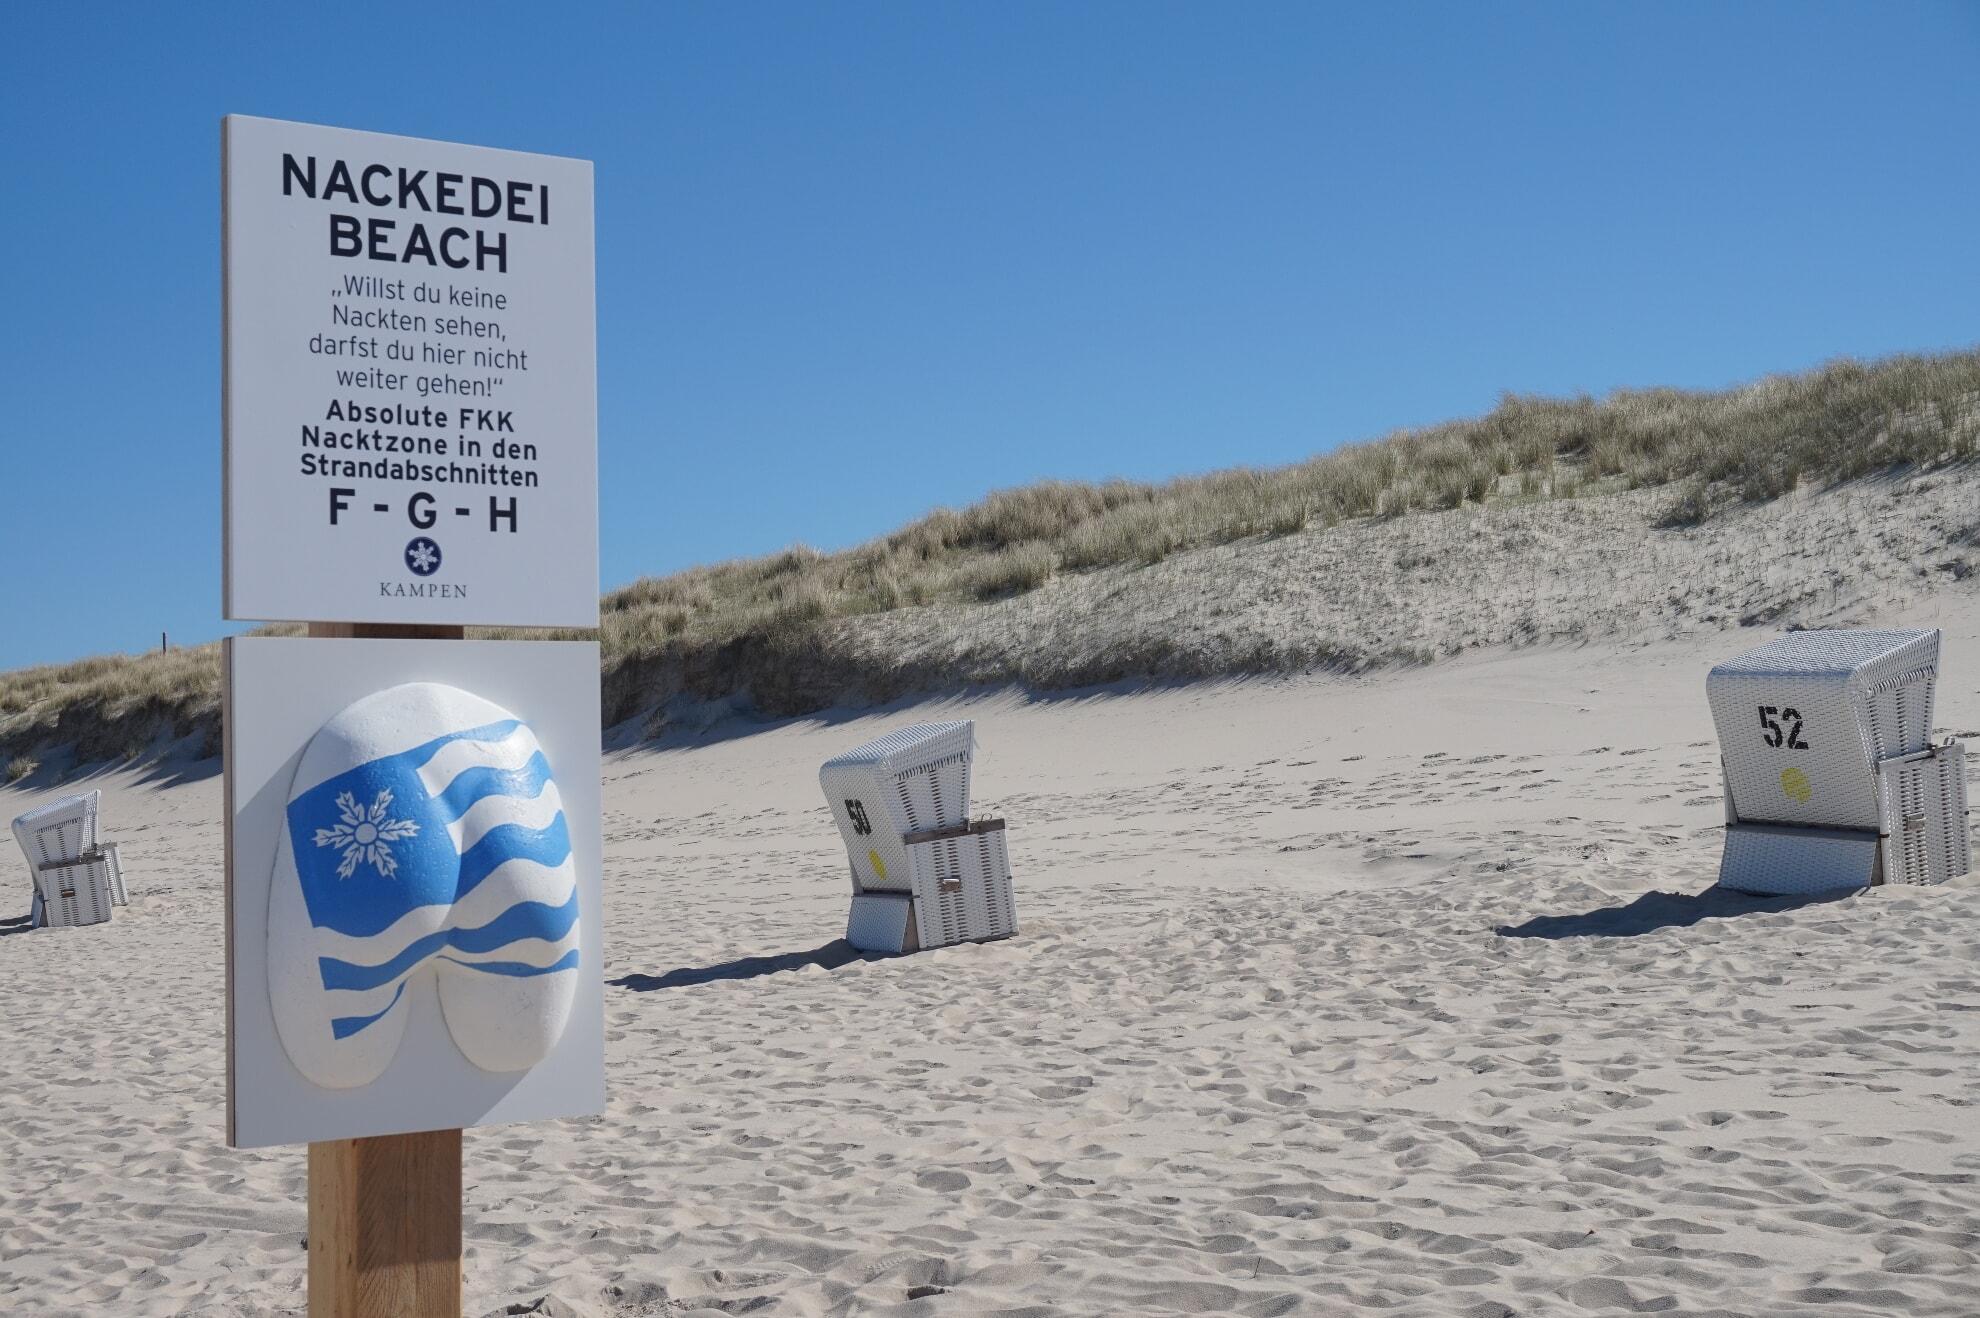 Nackedei-Beach in Kampen